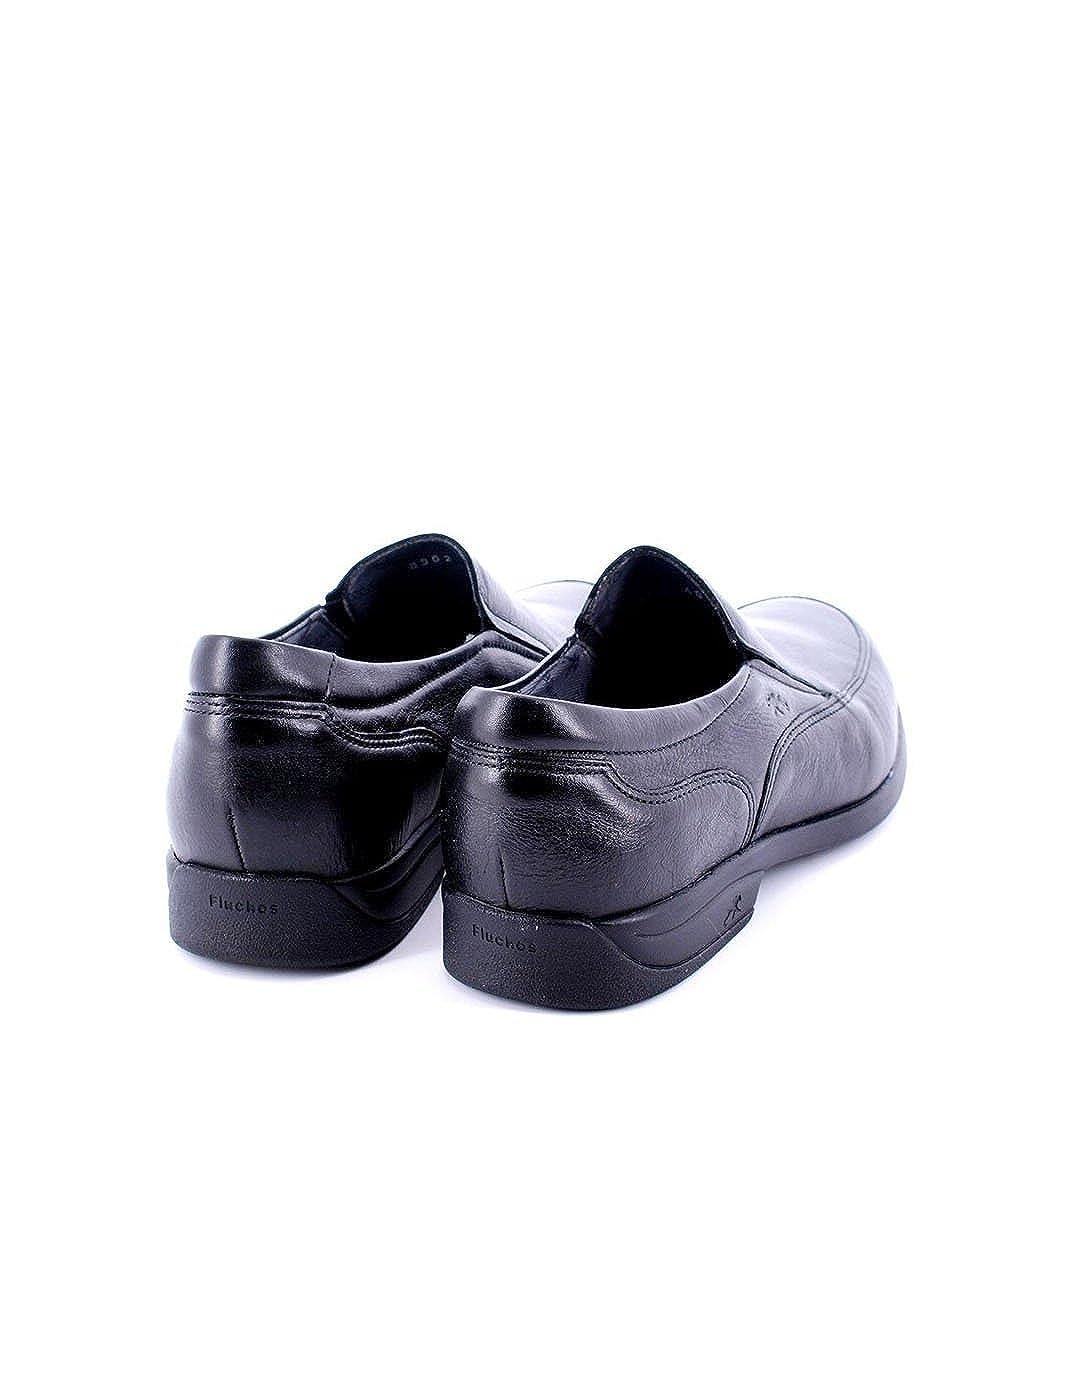 Zapato Fluchos Only Professional Negro 8902  Amazon.es  Zapatos y  complementos 3726ce9d1714